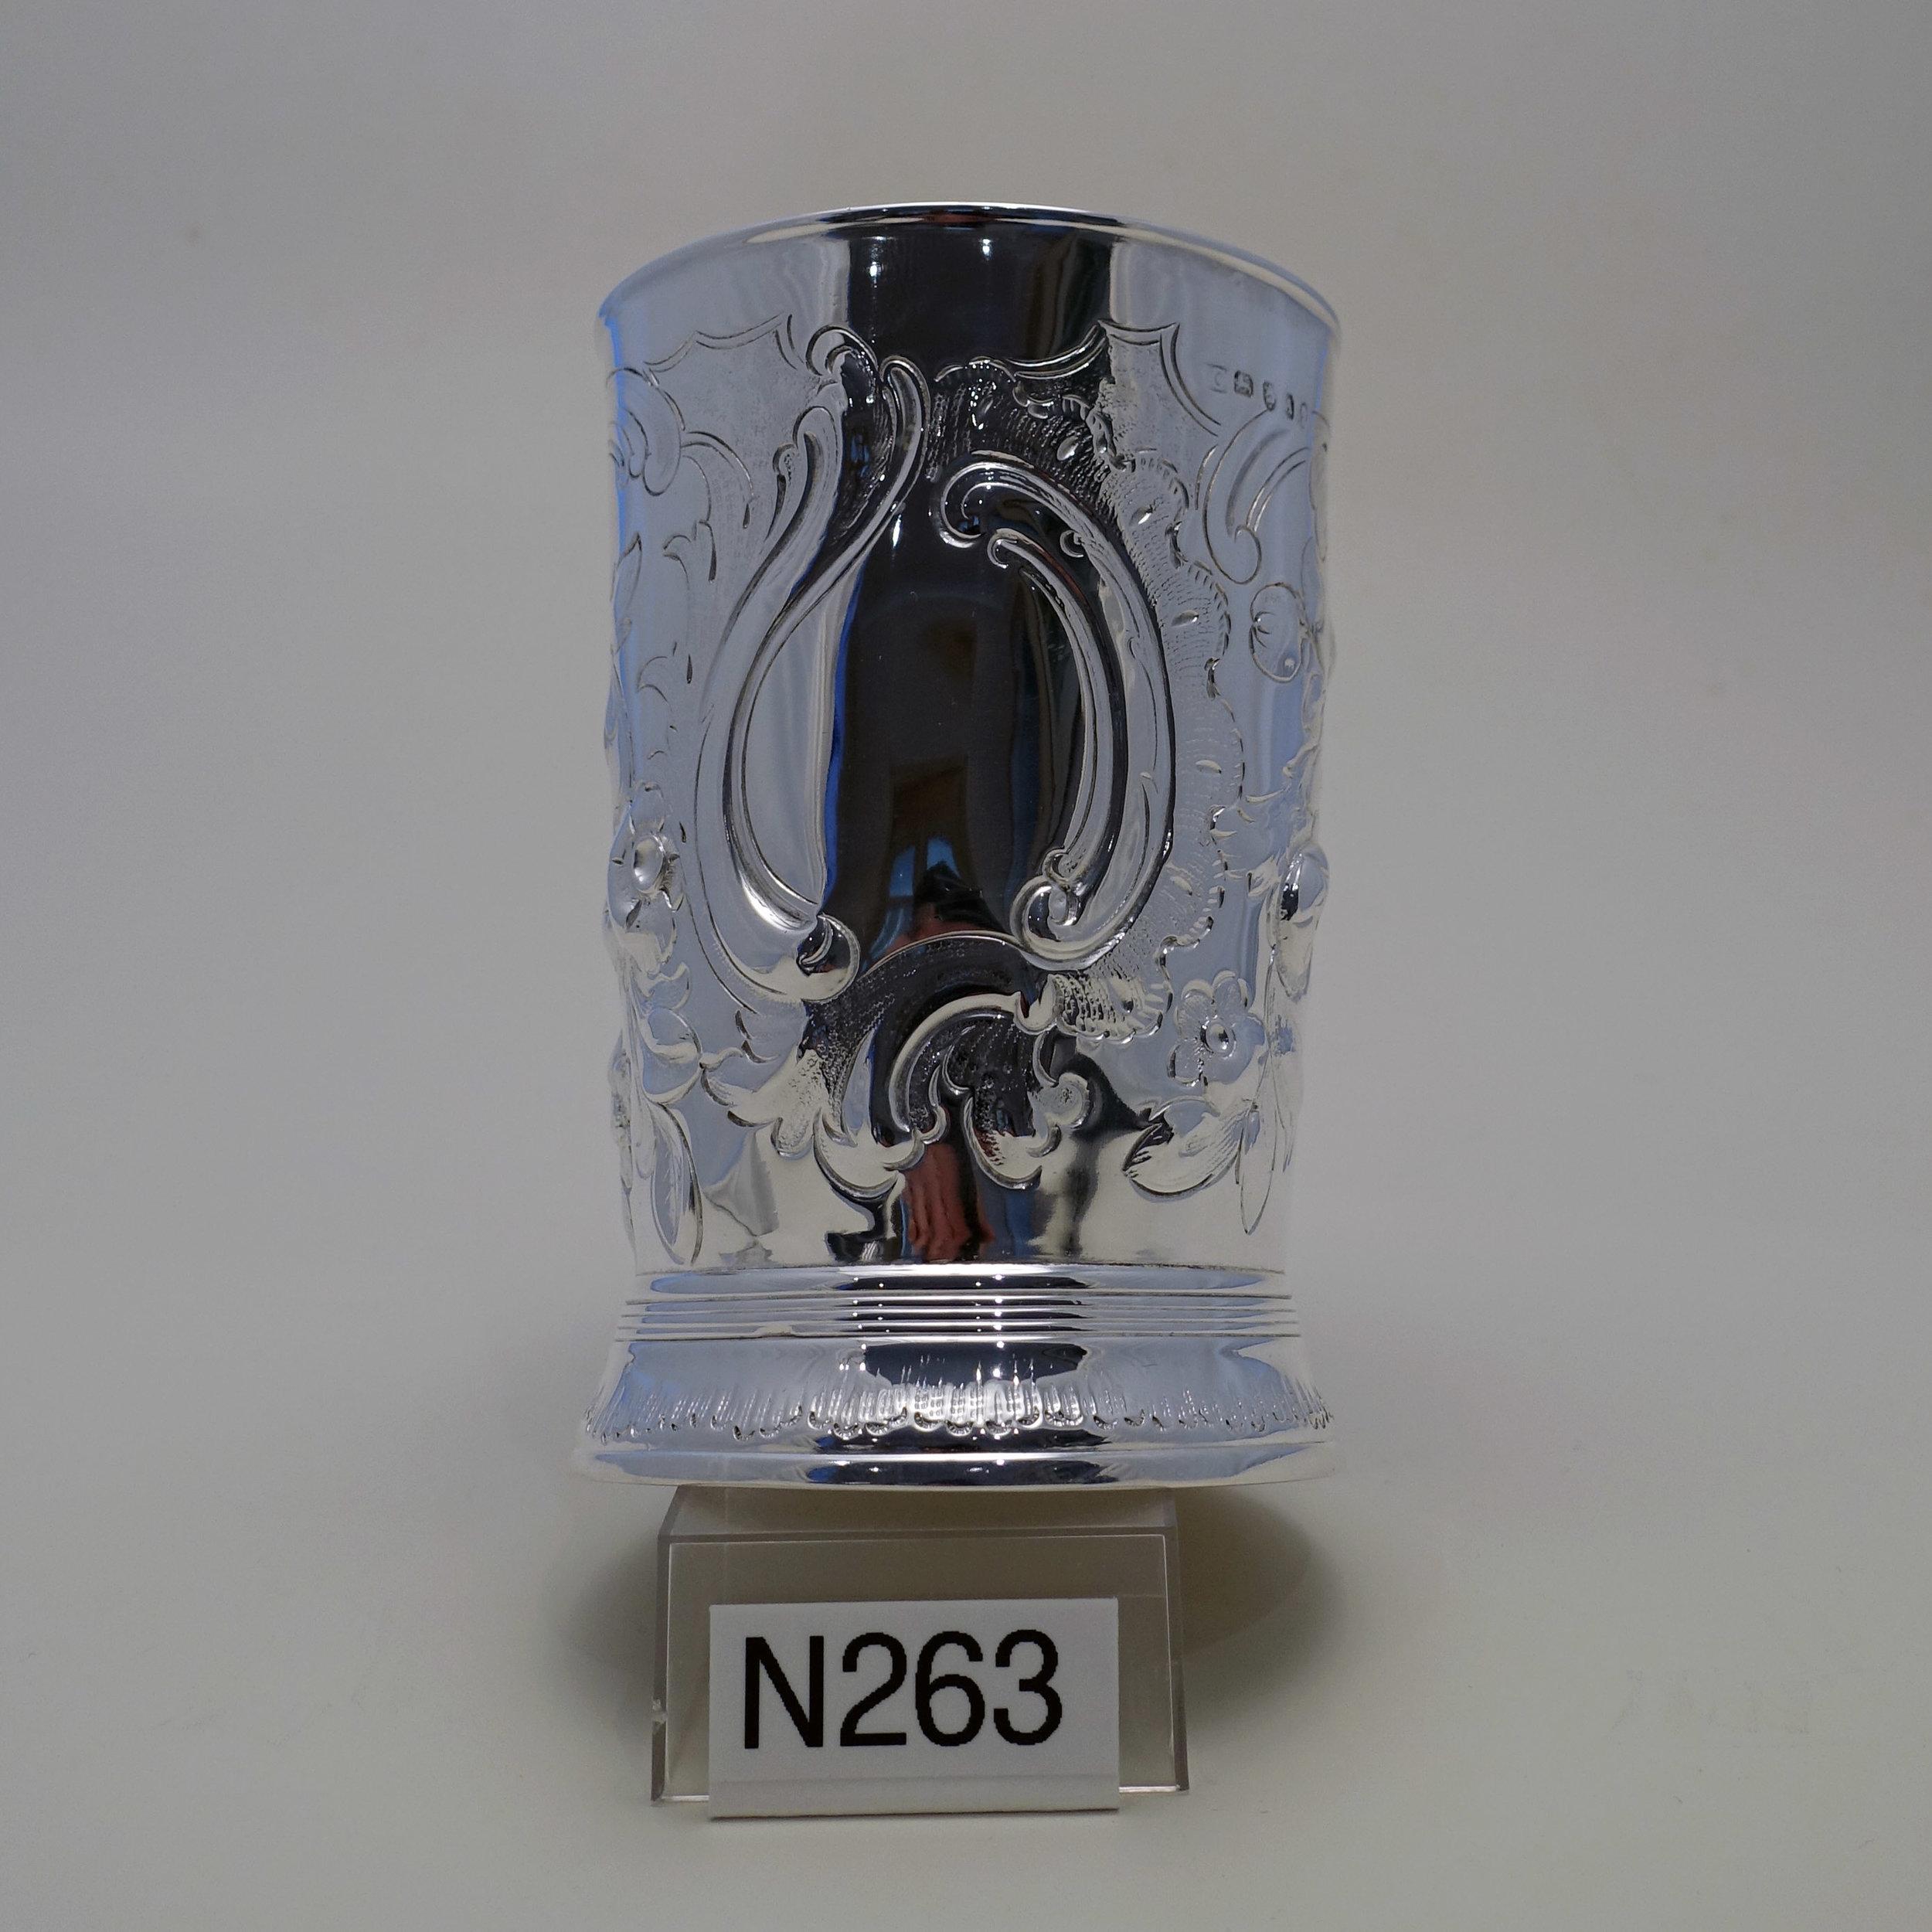 N263.jpg